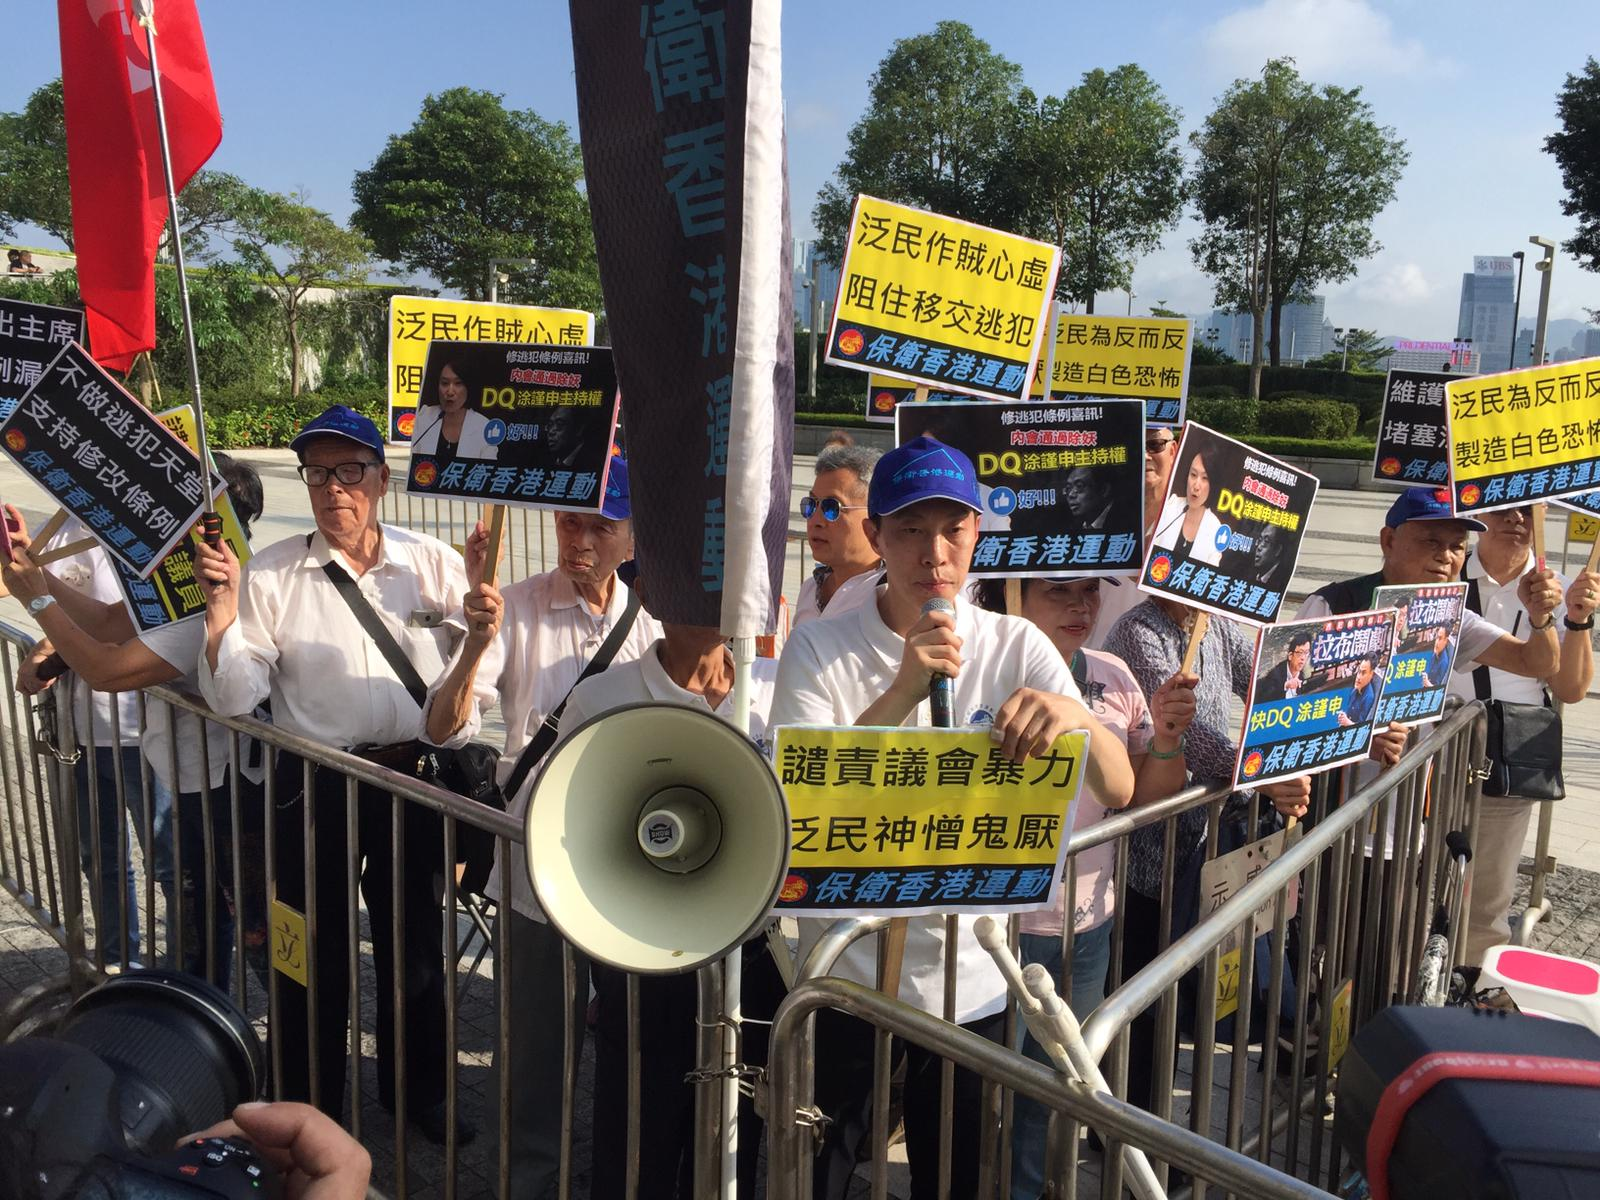 支持及反對修例的團體在立法會示威區請願。